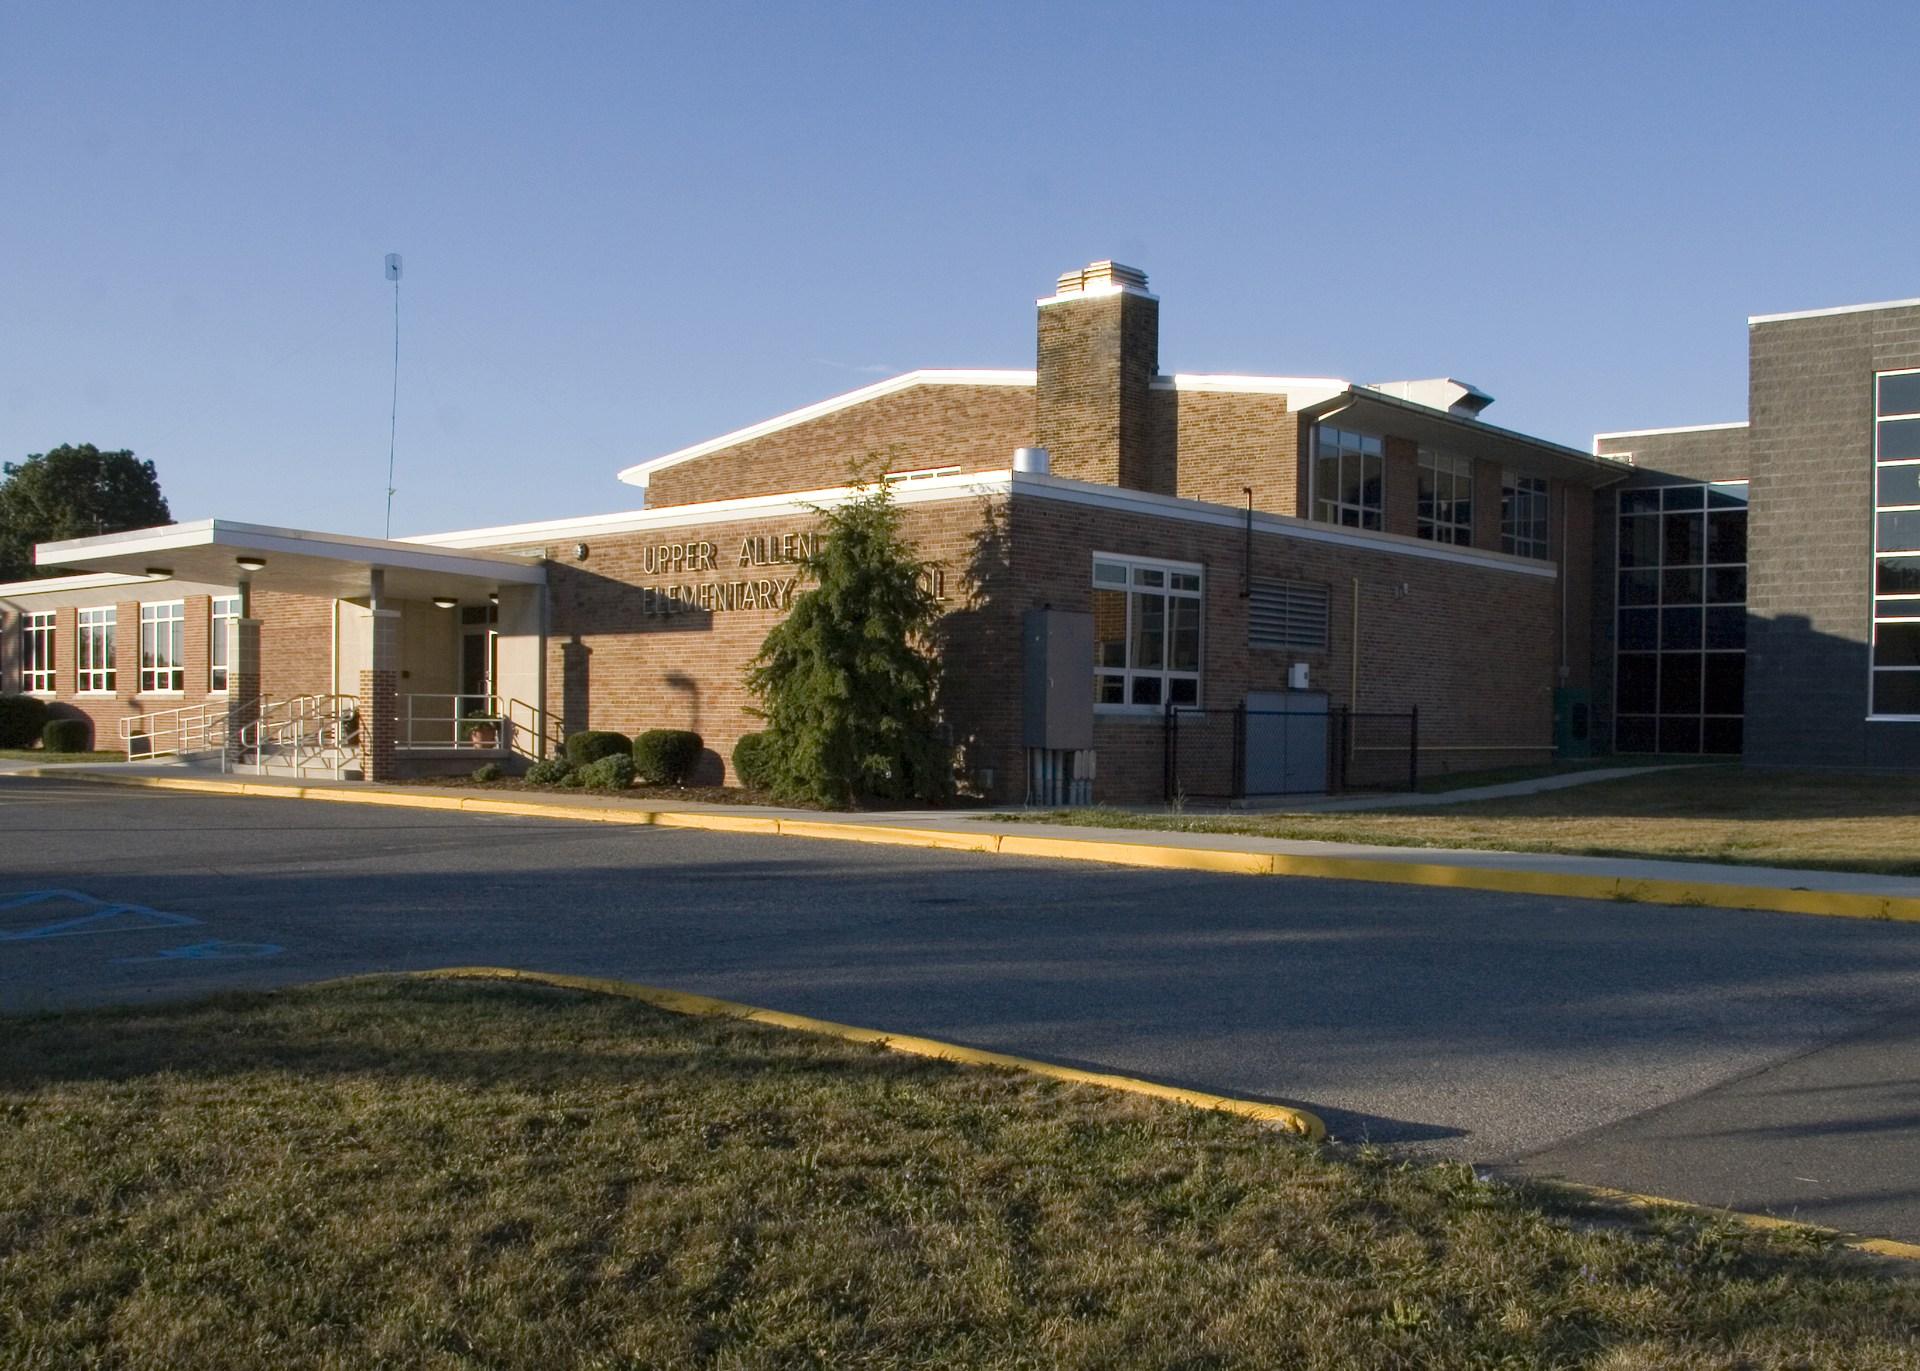 Picture of Upper Allen Elementary School